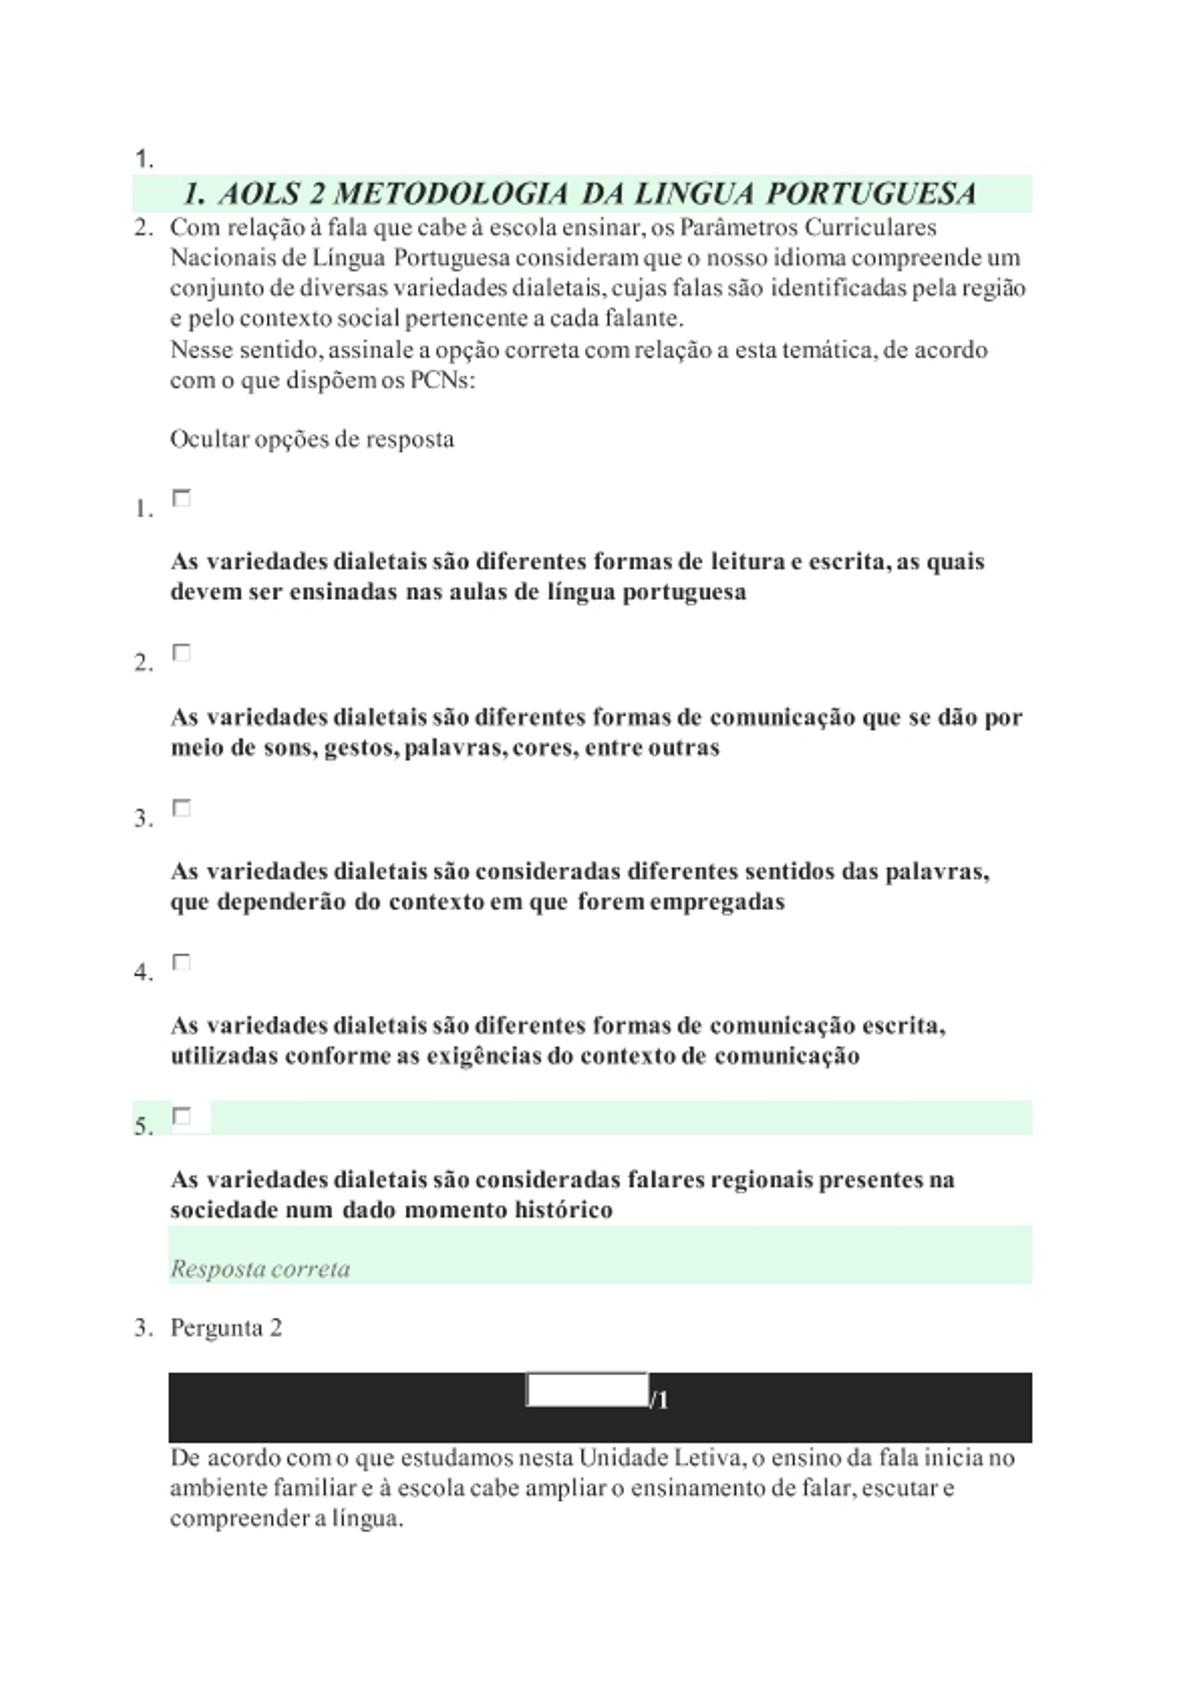 Pre-visualização do material AOLS 2 METODOLOGIA DA LINGUA PORTUGUESA - página 1